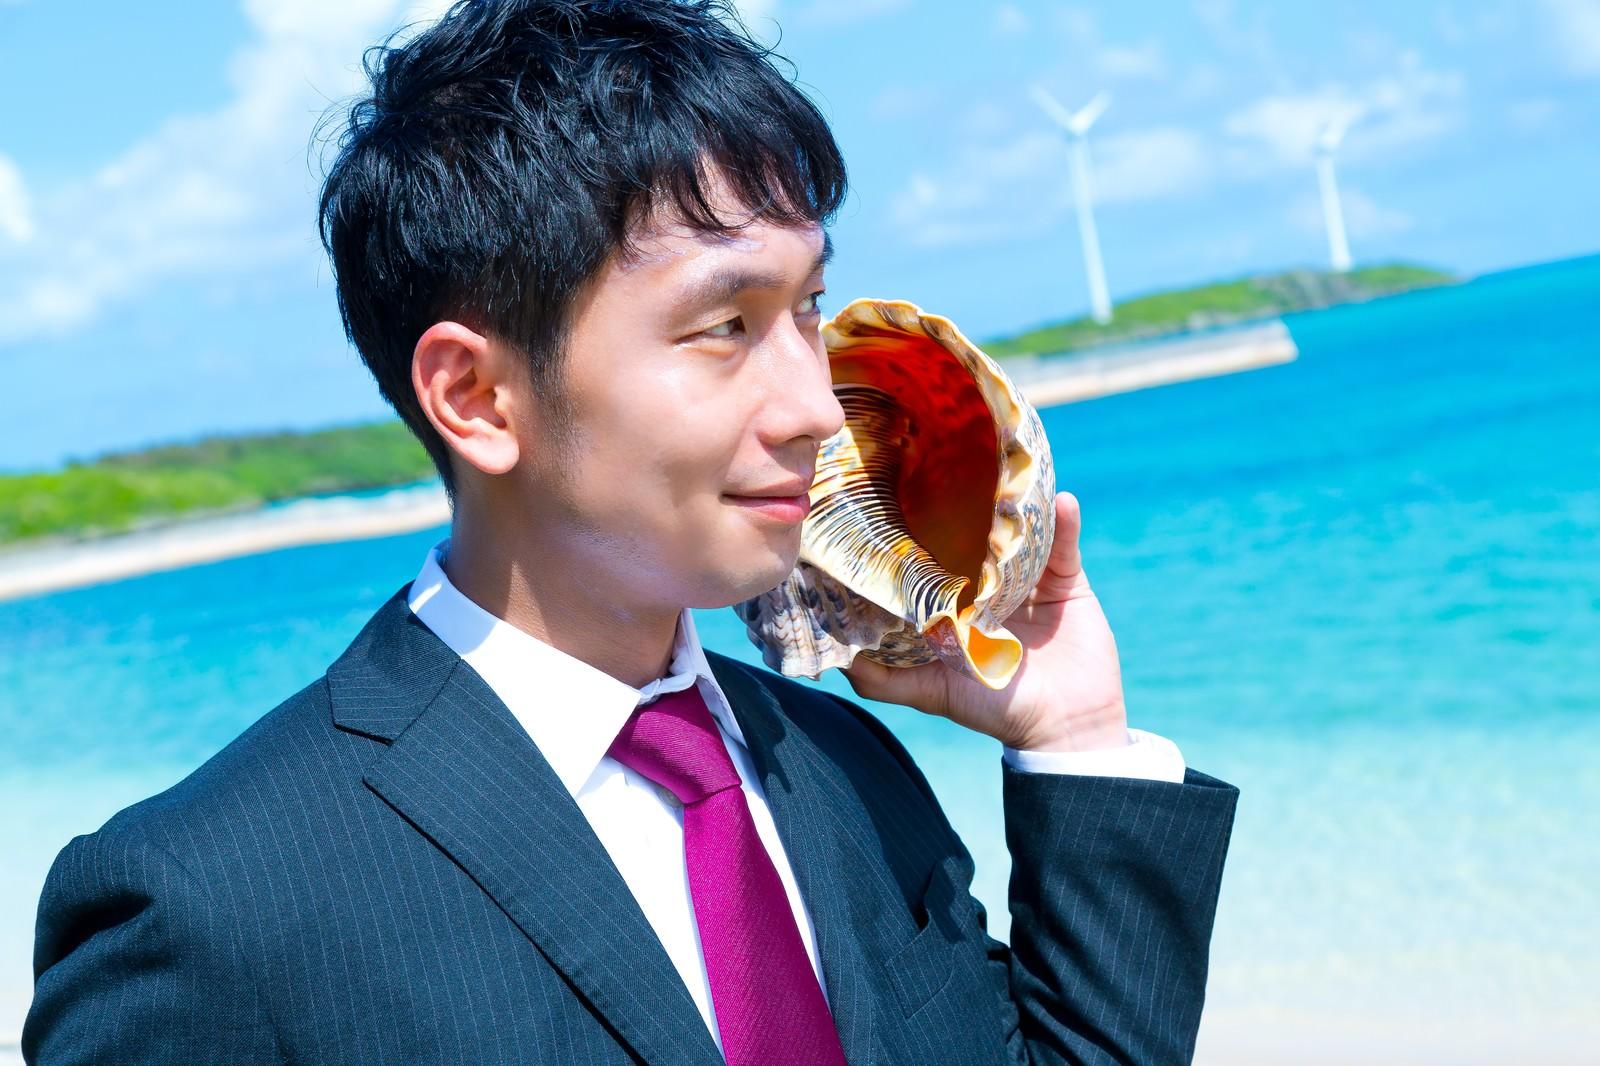 「南の島で貝フォンを使用するビジネスマン」の写真[モデル:大川竜弥]